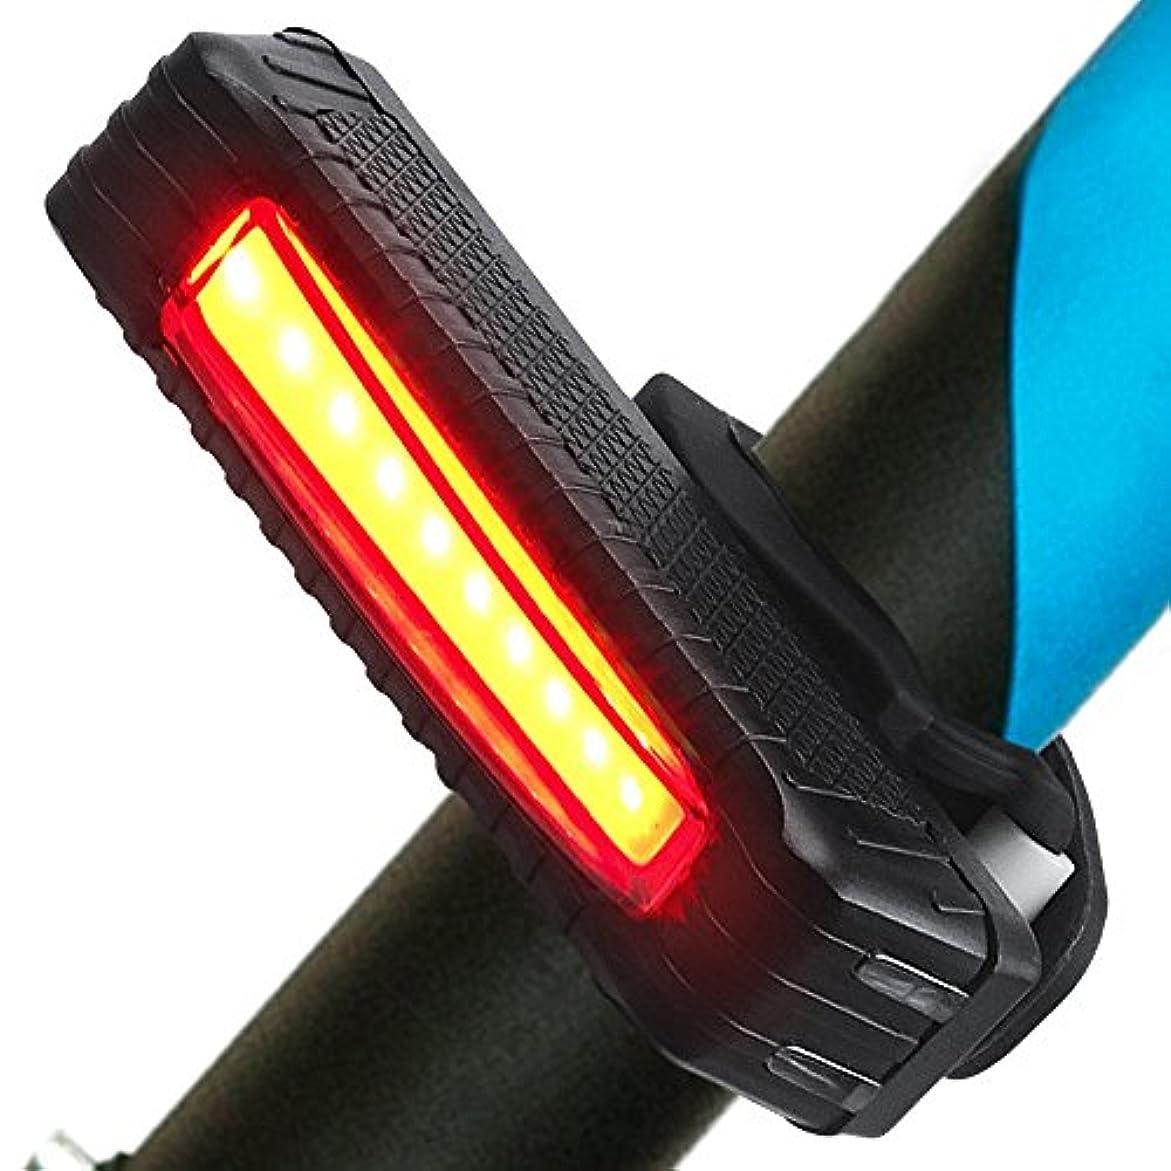 横に混乱叙情的なSahara SailorリアバイクライトUSB充電式自転車テールライト、5つのライトモード、あらゆるロードバイクにフィット、ヘルメット、バックパック